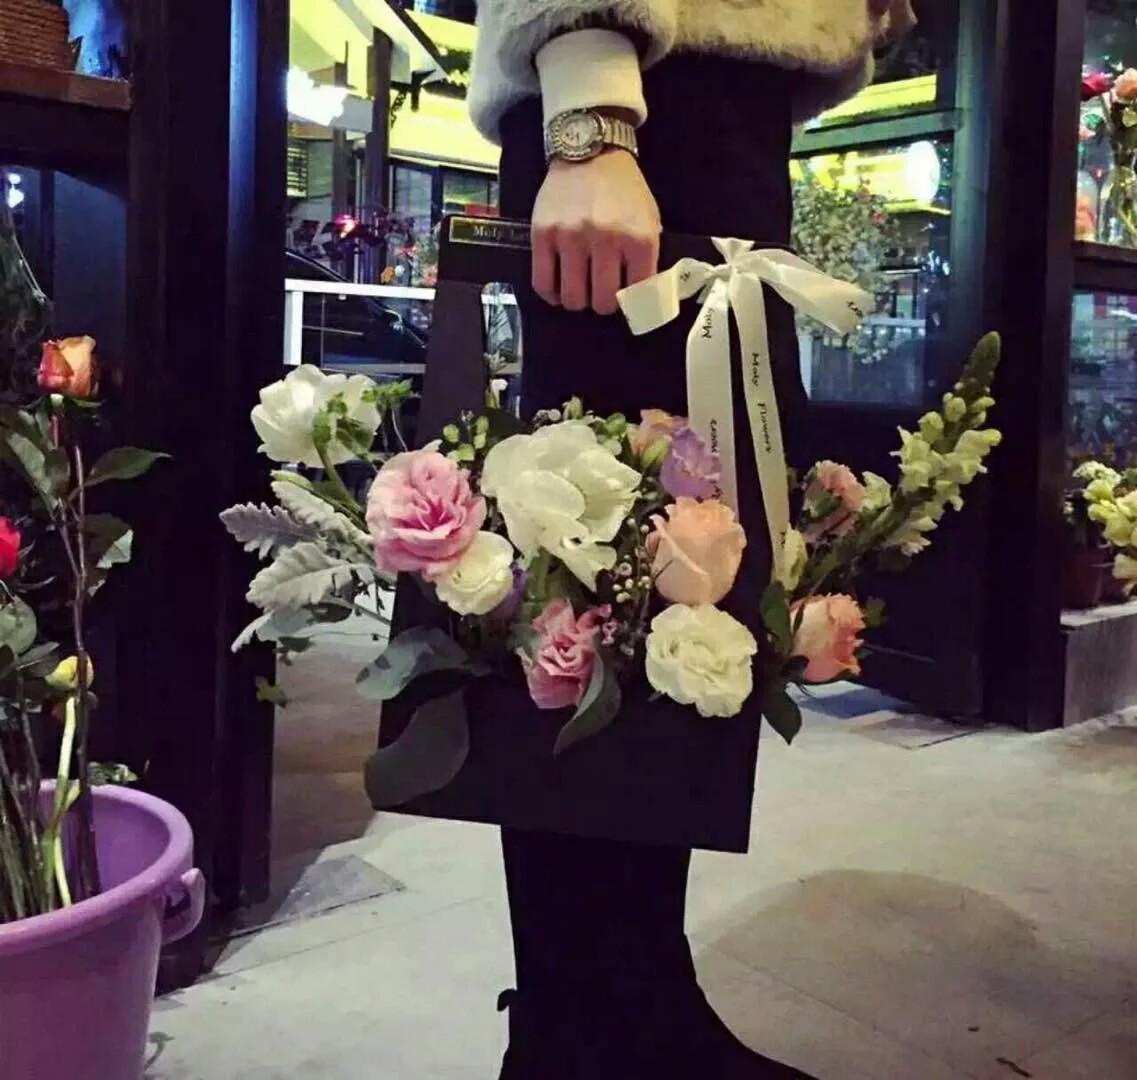 花艺课手提花篮纸质礼品盒加厚防水鲜花手提袋 鲜花礼盒包装纸